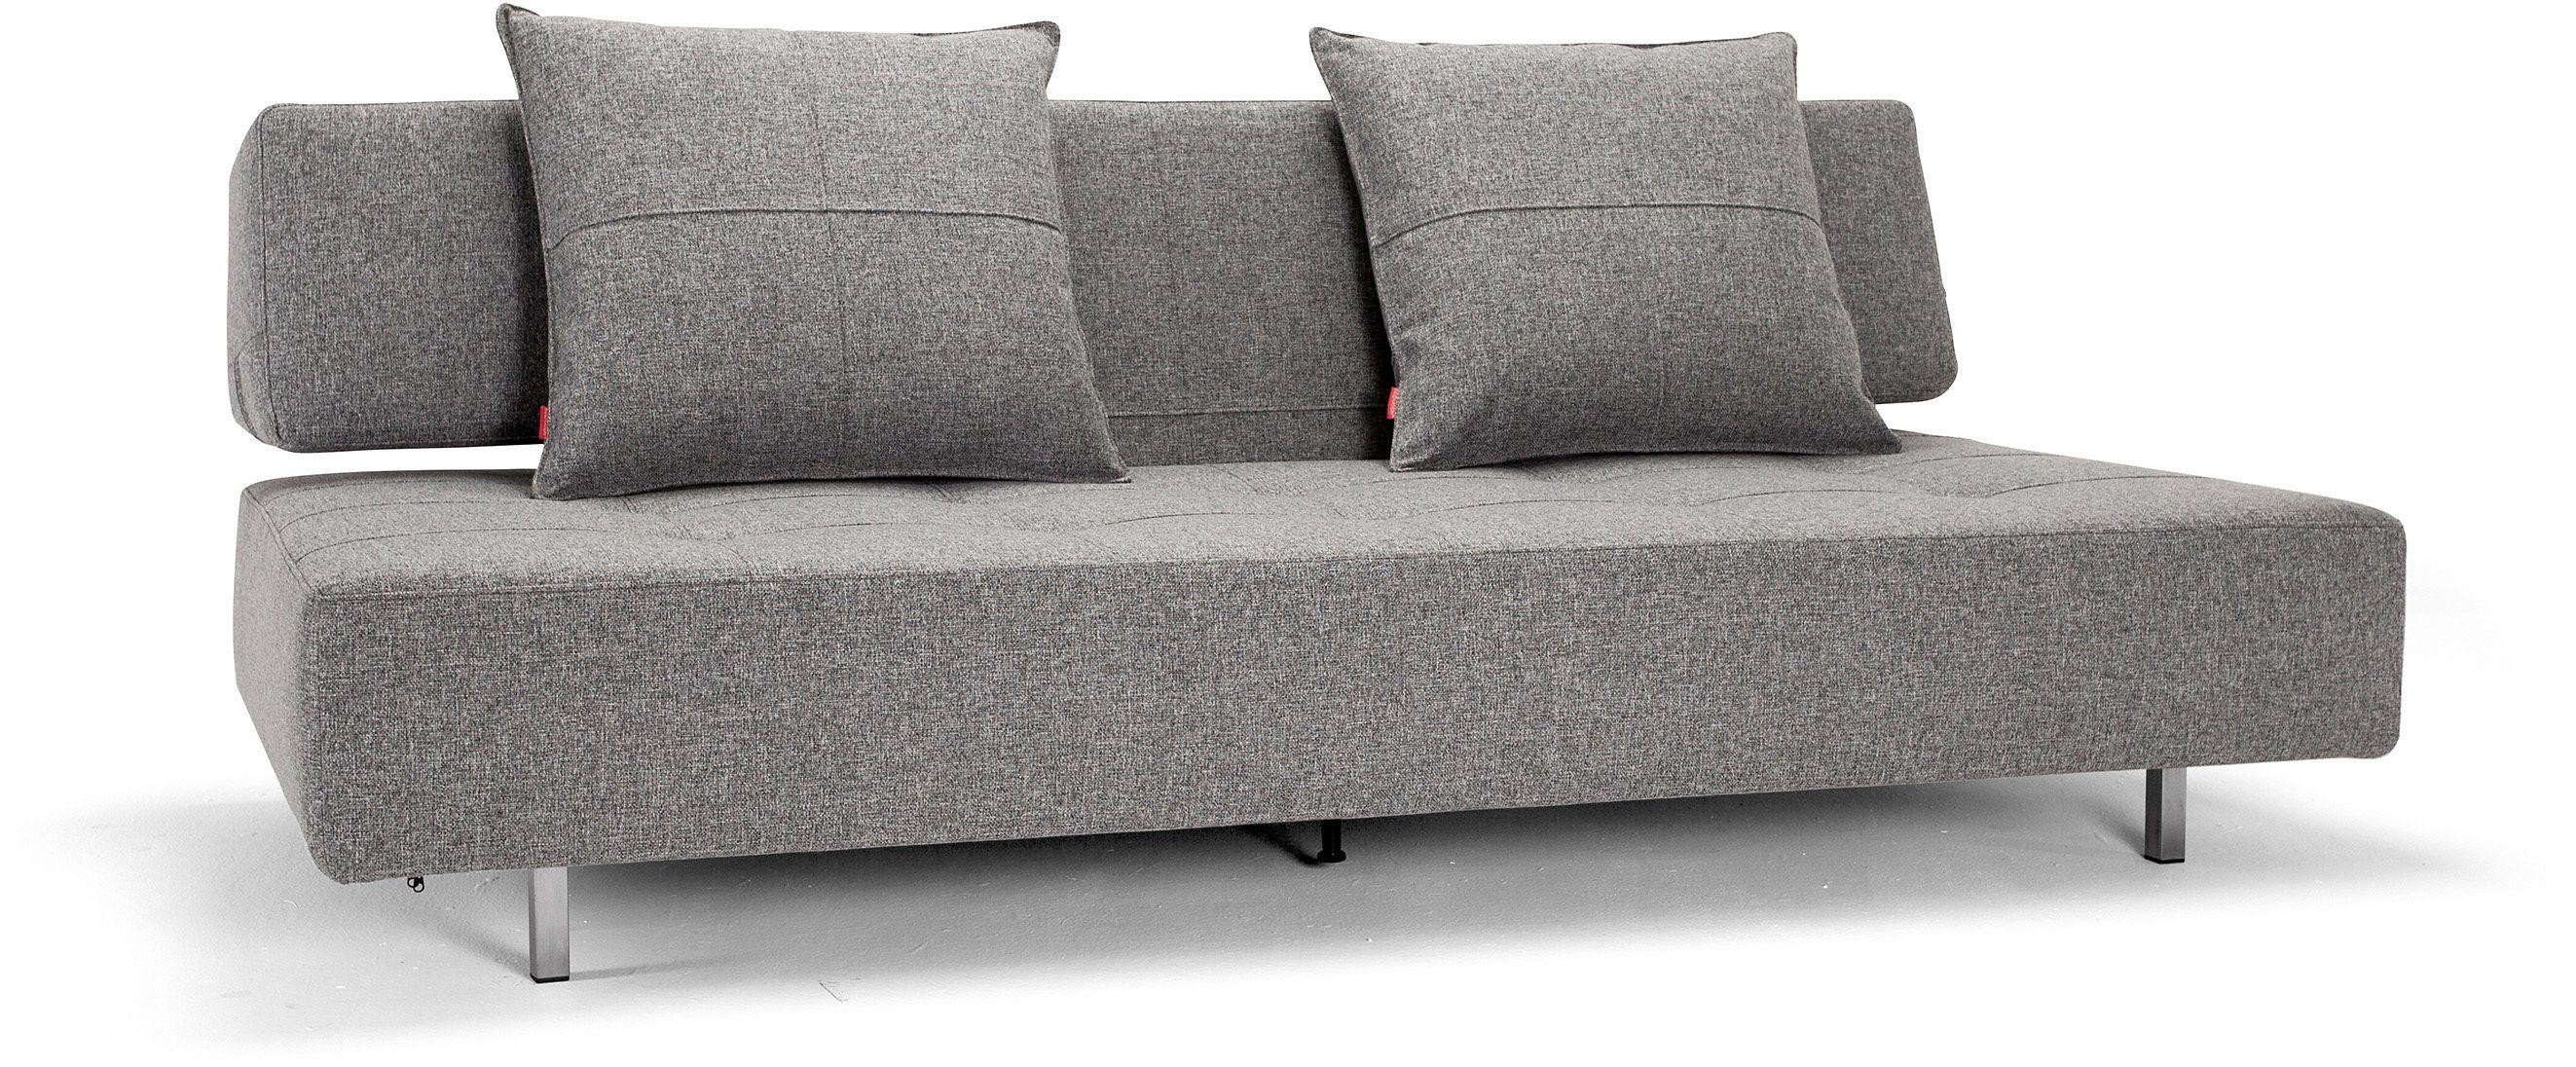 Beeindruckend Sofa Mit Verstellbarer Rückenlehne Das Beste Von Innovation™ Schlafsofa »long HornÂ«, Rückenlehne Betten /